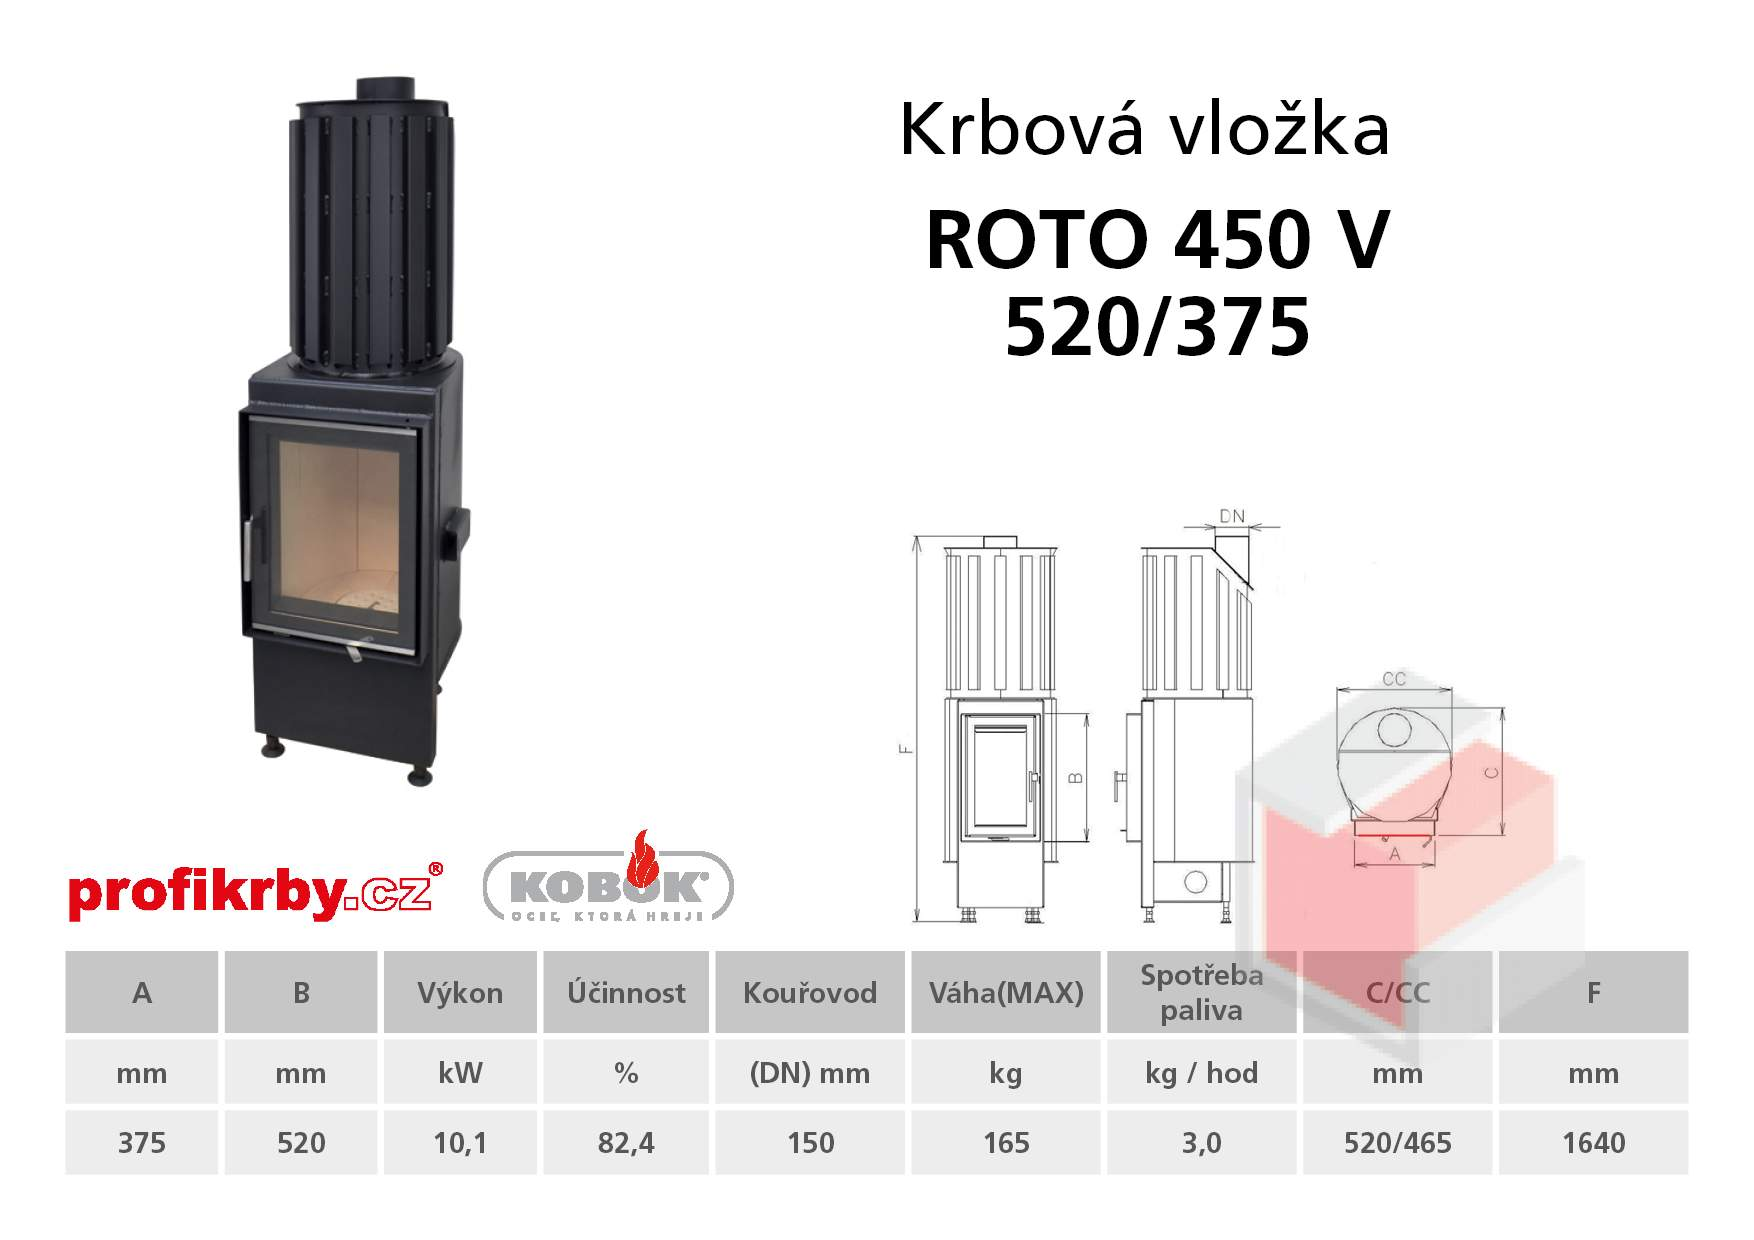 Krbová vložka KOBOK ROTO 450 570/375 - vertikal